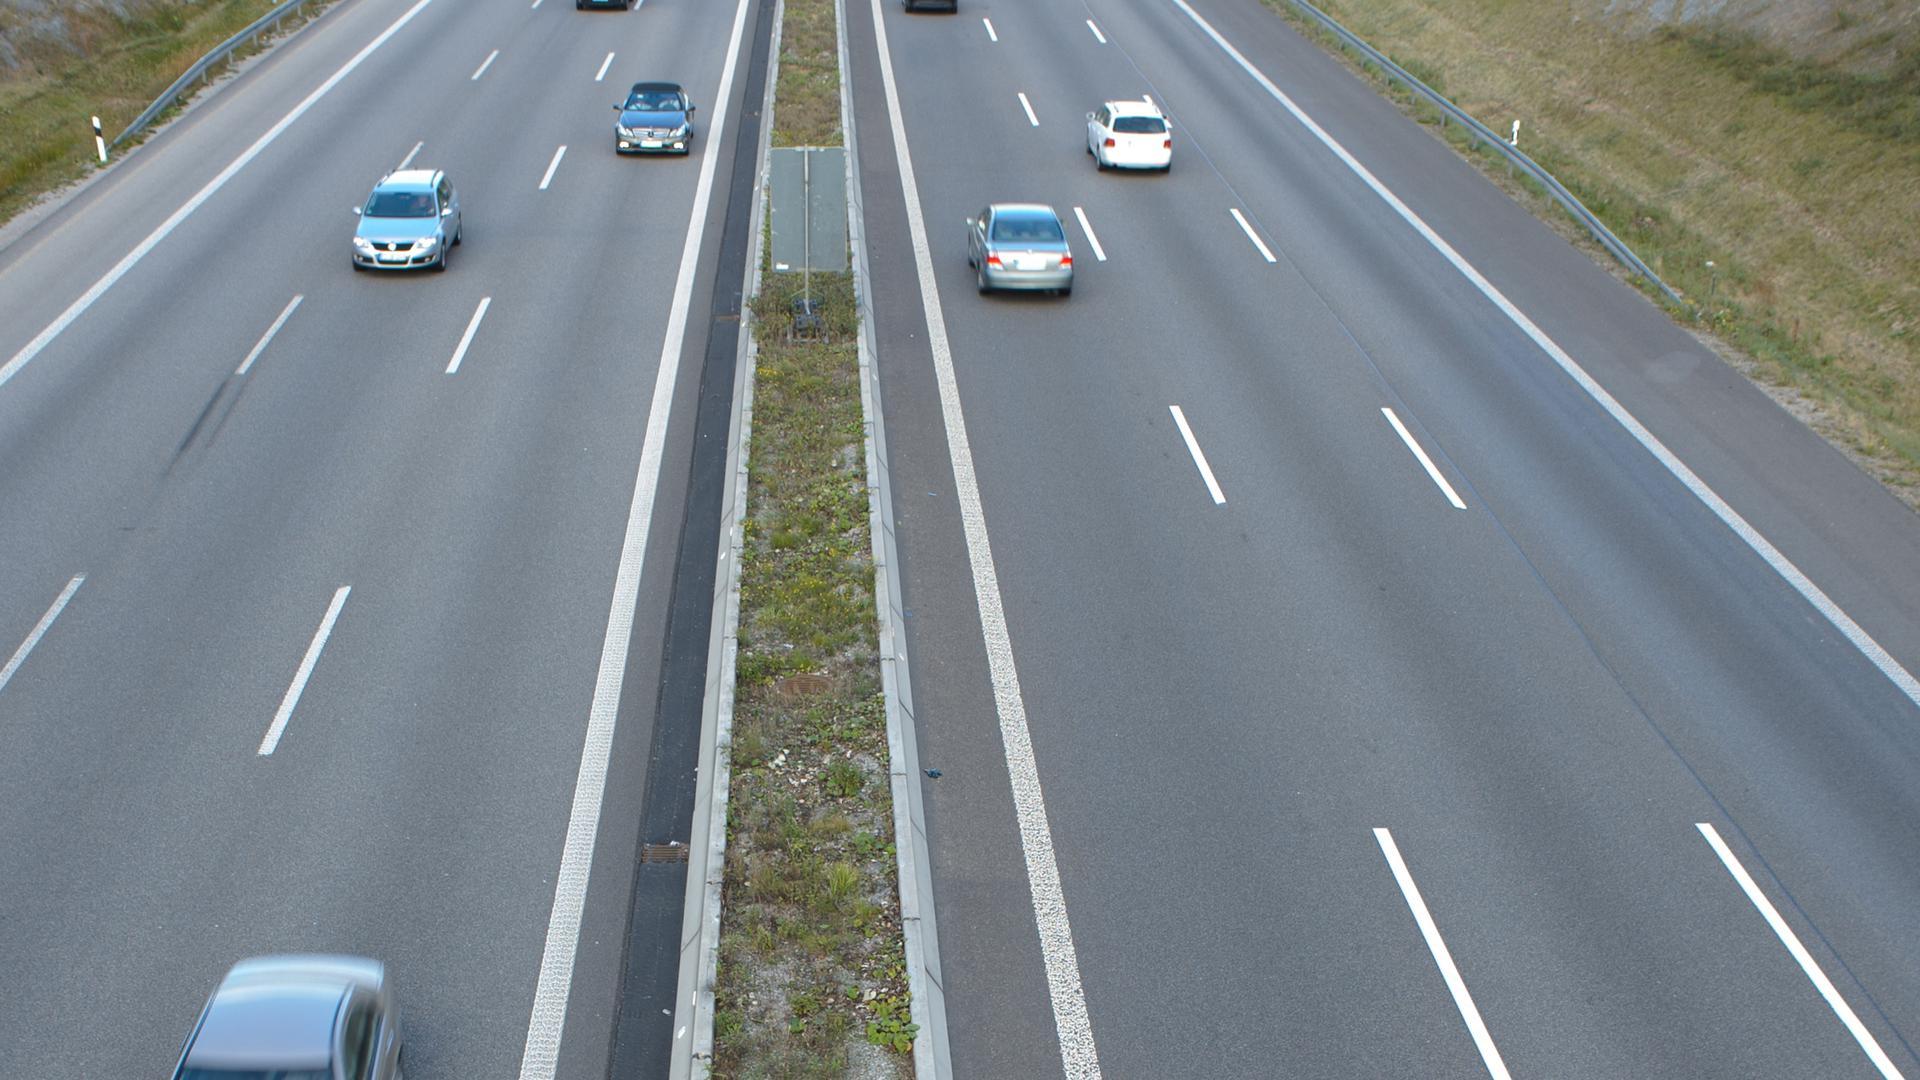 Hier begann der Streit: Auf der A8 zwischen Pforzheim/Süd und Heimsheim versuchte der Golf-Fahrer, den Porsche zu überholen.